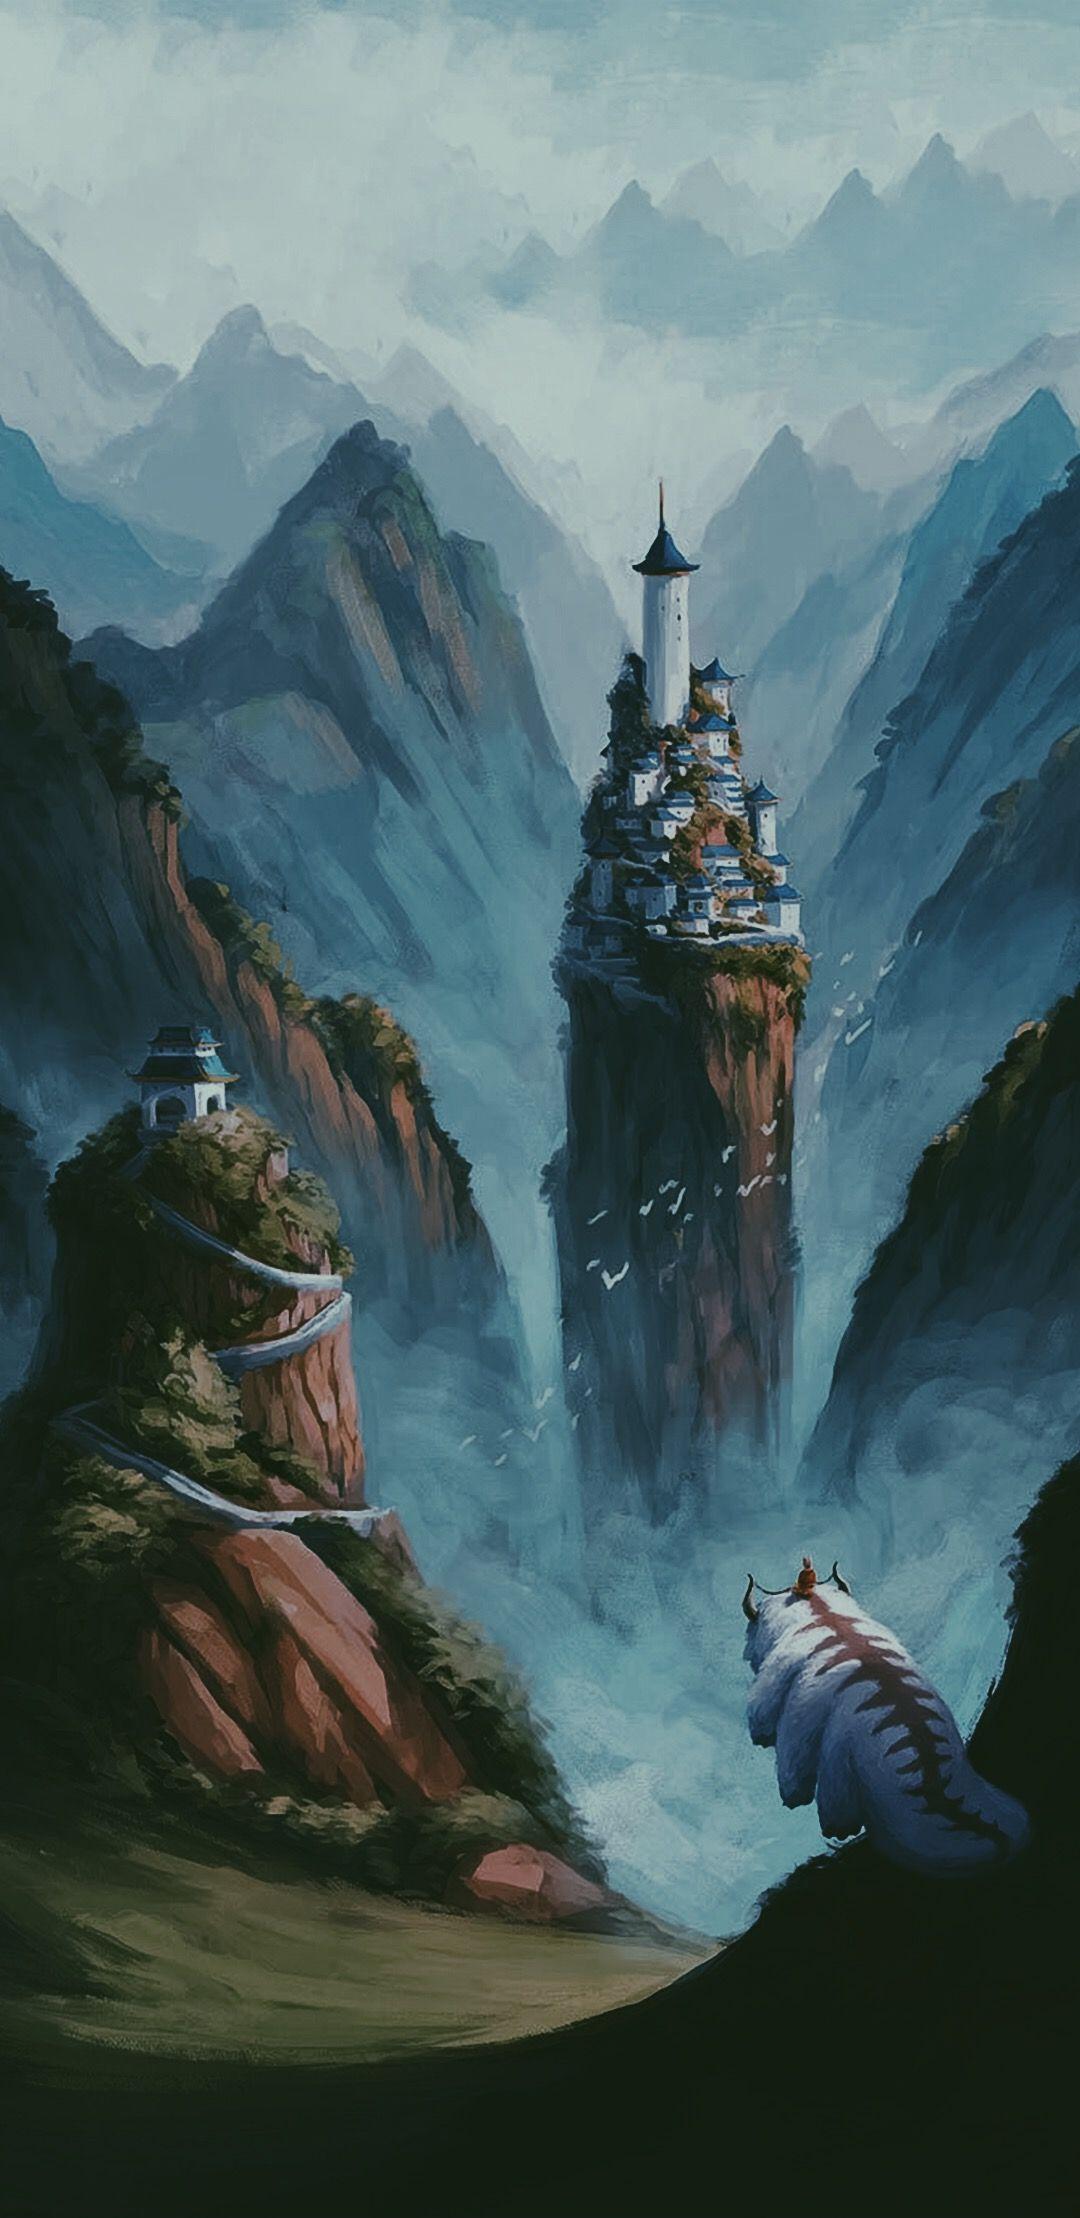 Avatar De Laatste Airbender Tekening Telefoonachtergrond Dit Is Niet Mijn Kunstwerk Alleen Avatar T 2020 Avatar Hava Bukucu Avatar Aang Son Hava Bukucu